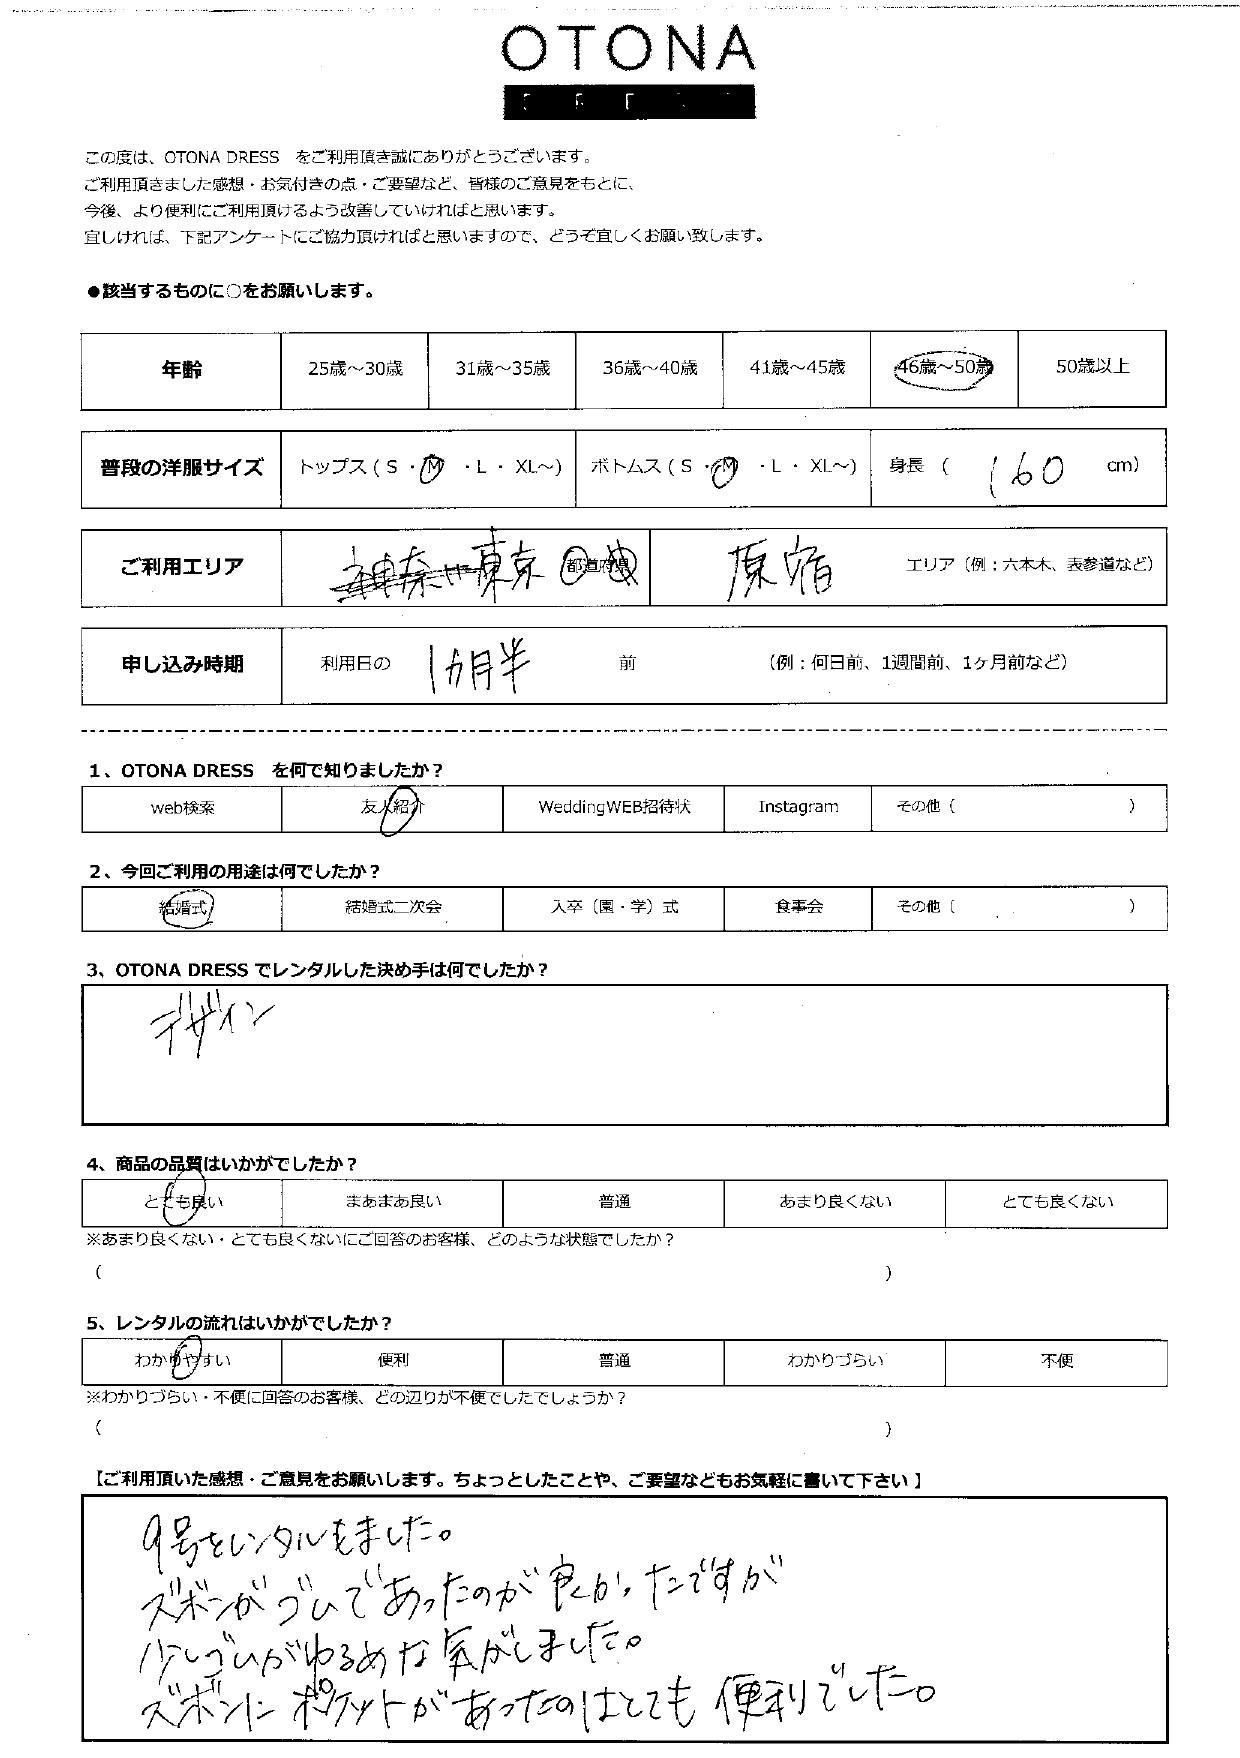 5/16結婚式ご利用 東京・原宿エリア